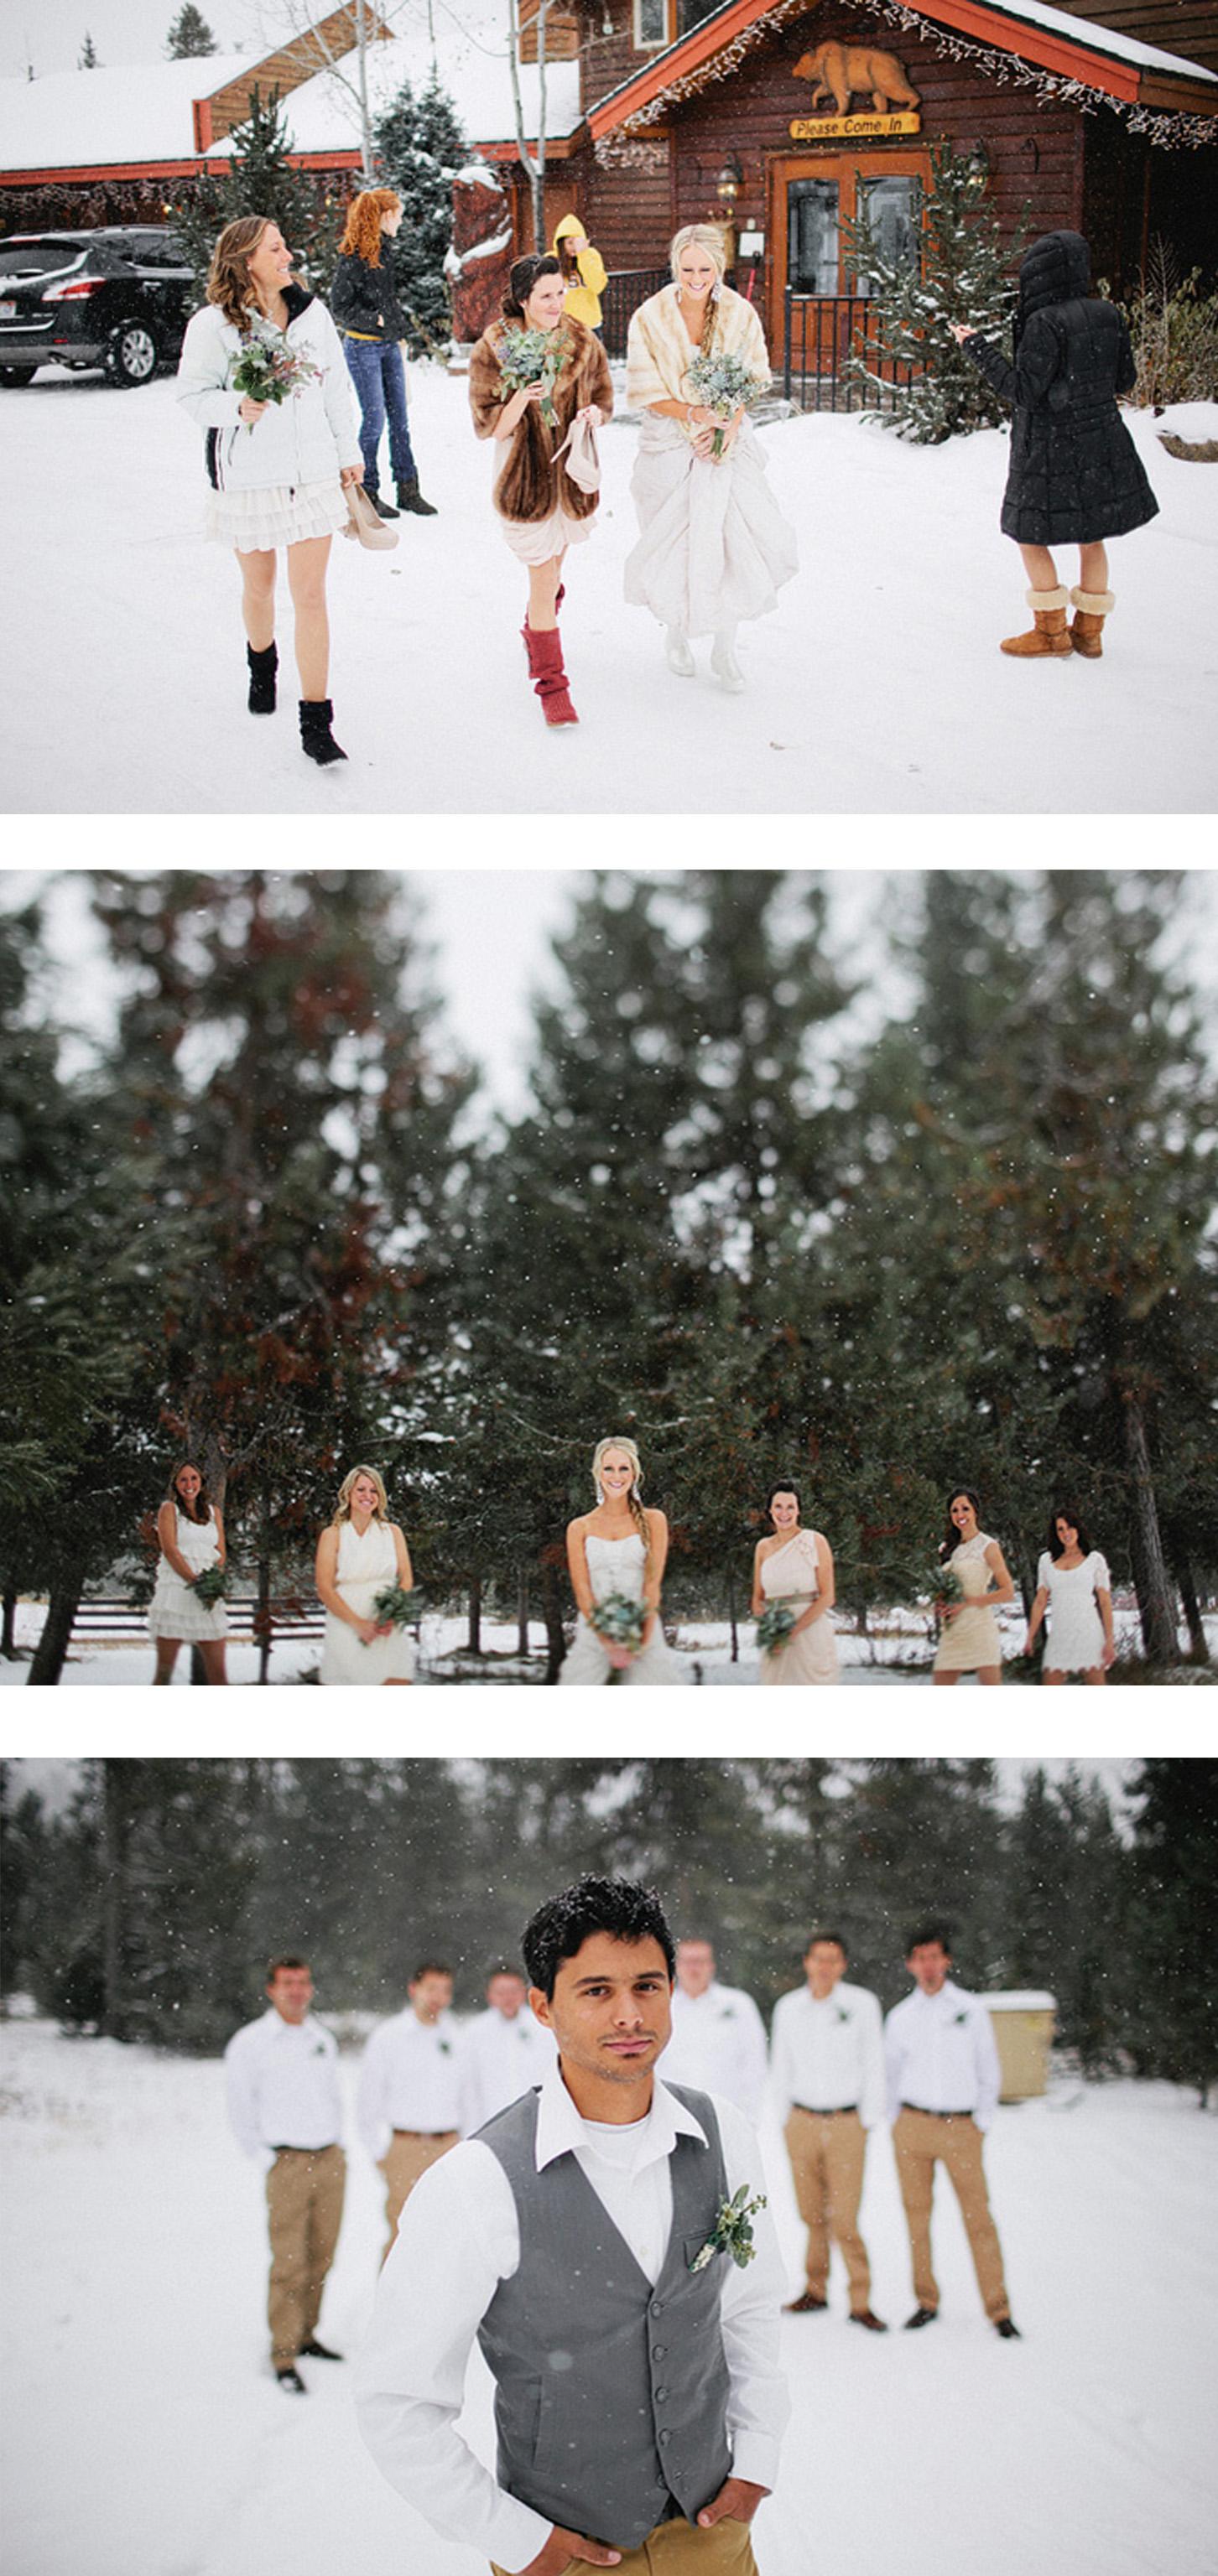 hochzeit im winter im tiefsten winter hochzeitsblog marrymag der hochzeitsblog